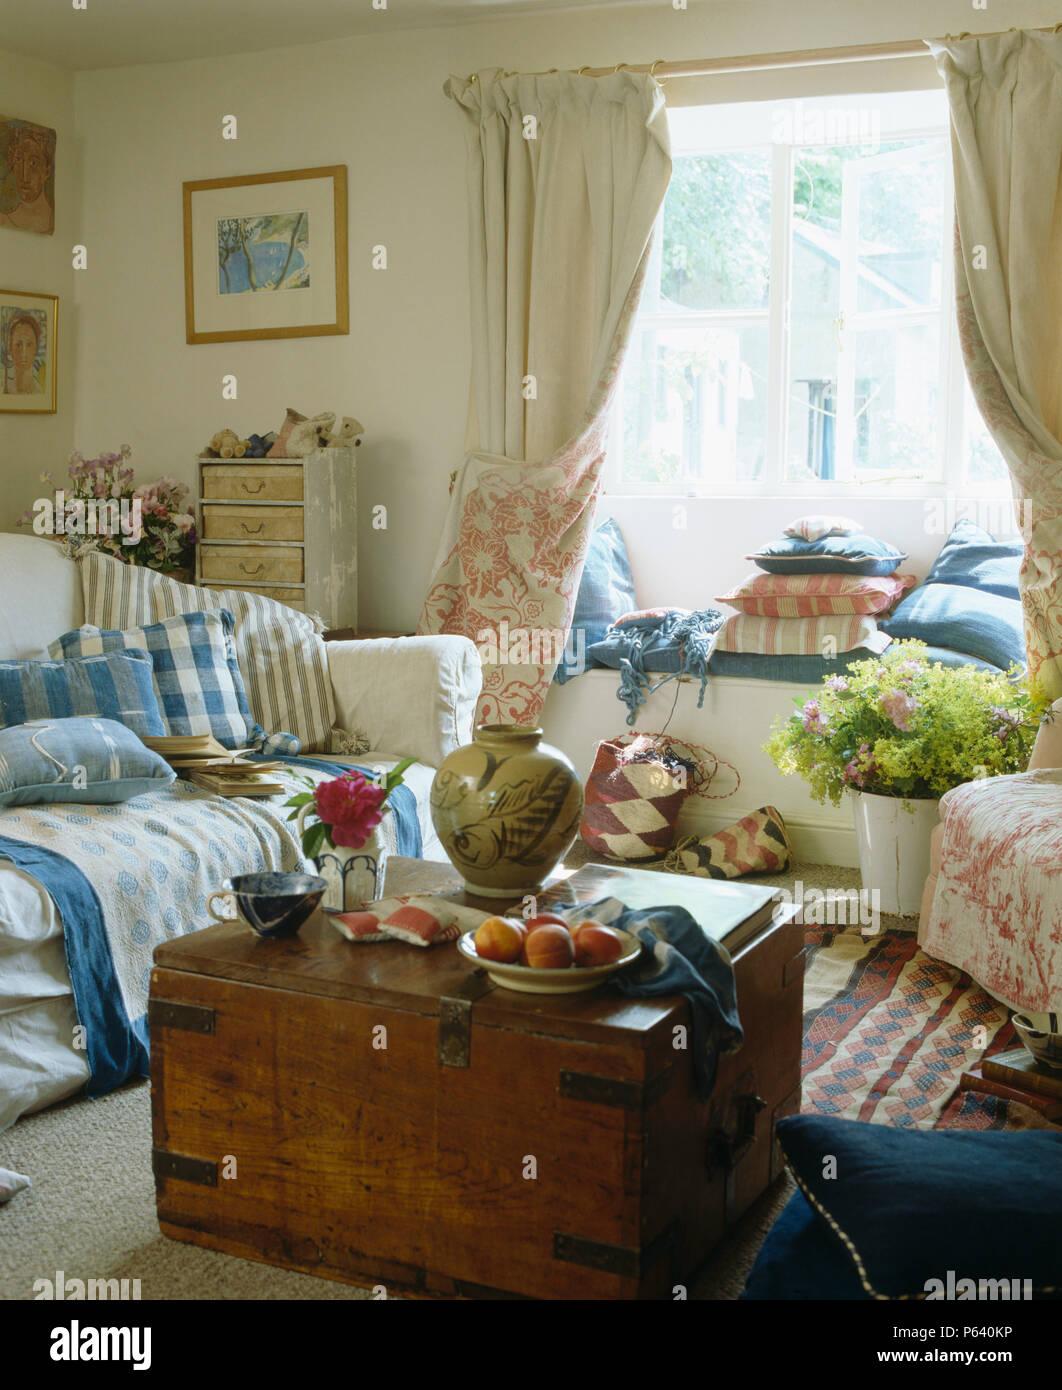 Antike hölzerne Truhe in Ferienhaus Wohnzimmer mit Blau + ...